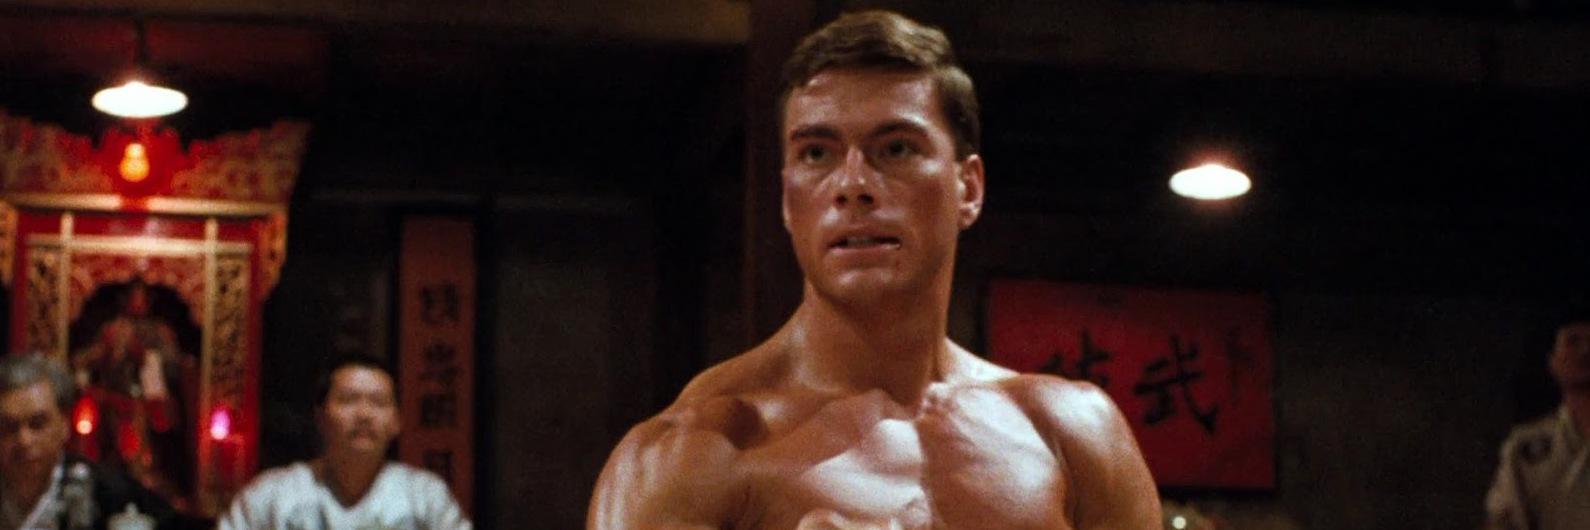 """Despedido por razões bizarras: Sabia que Van Damme devia ter sido """"O Predador""""?"""